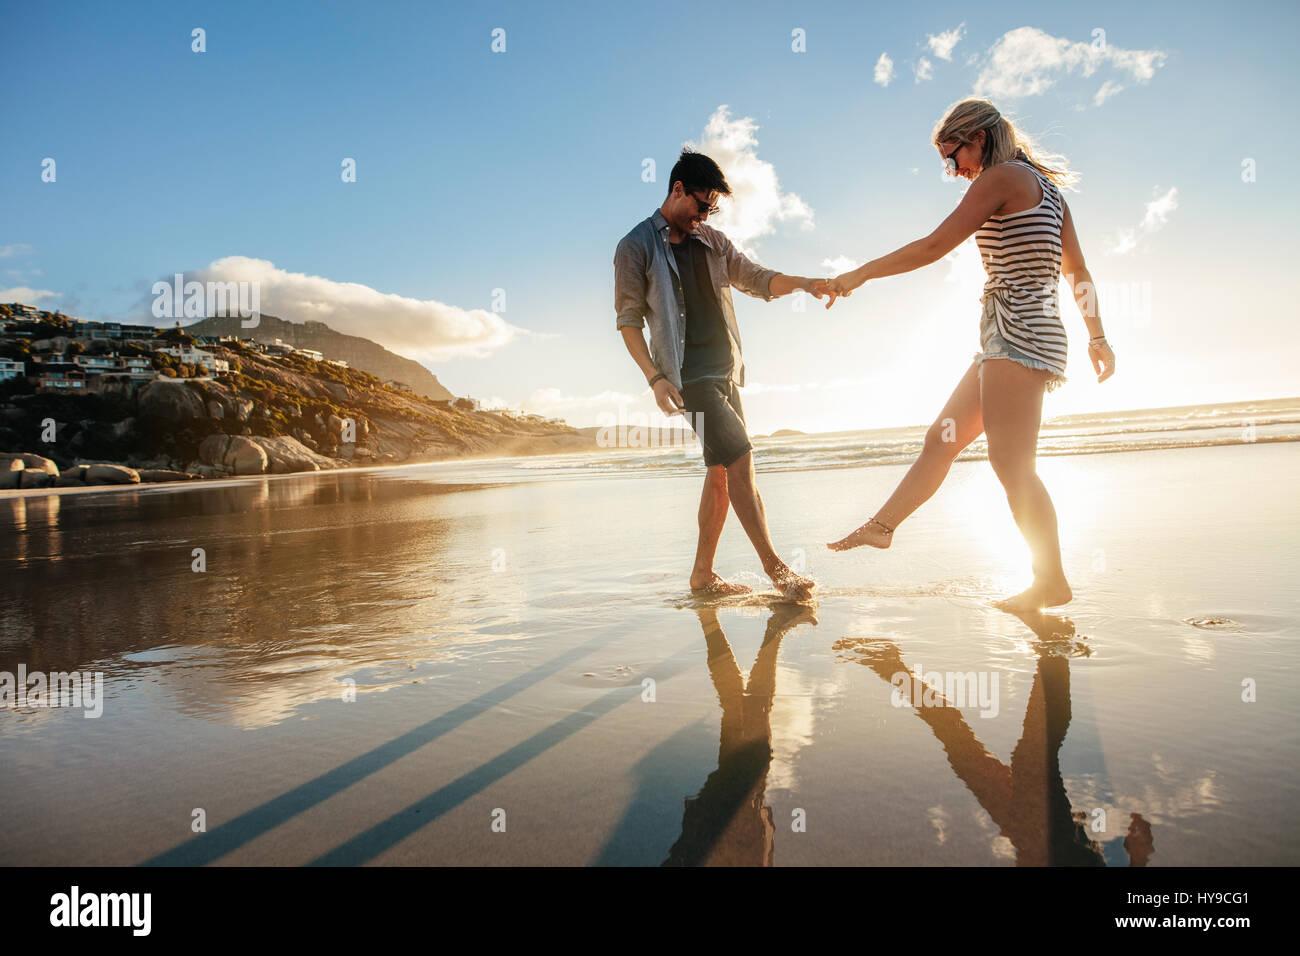 Bella coppia Giovane tenendo le mani e giocando sulla riva. Felice giovane coppia romantica in amore divertimento Immagini Stock